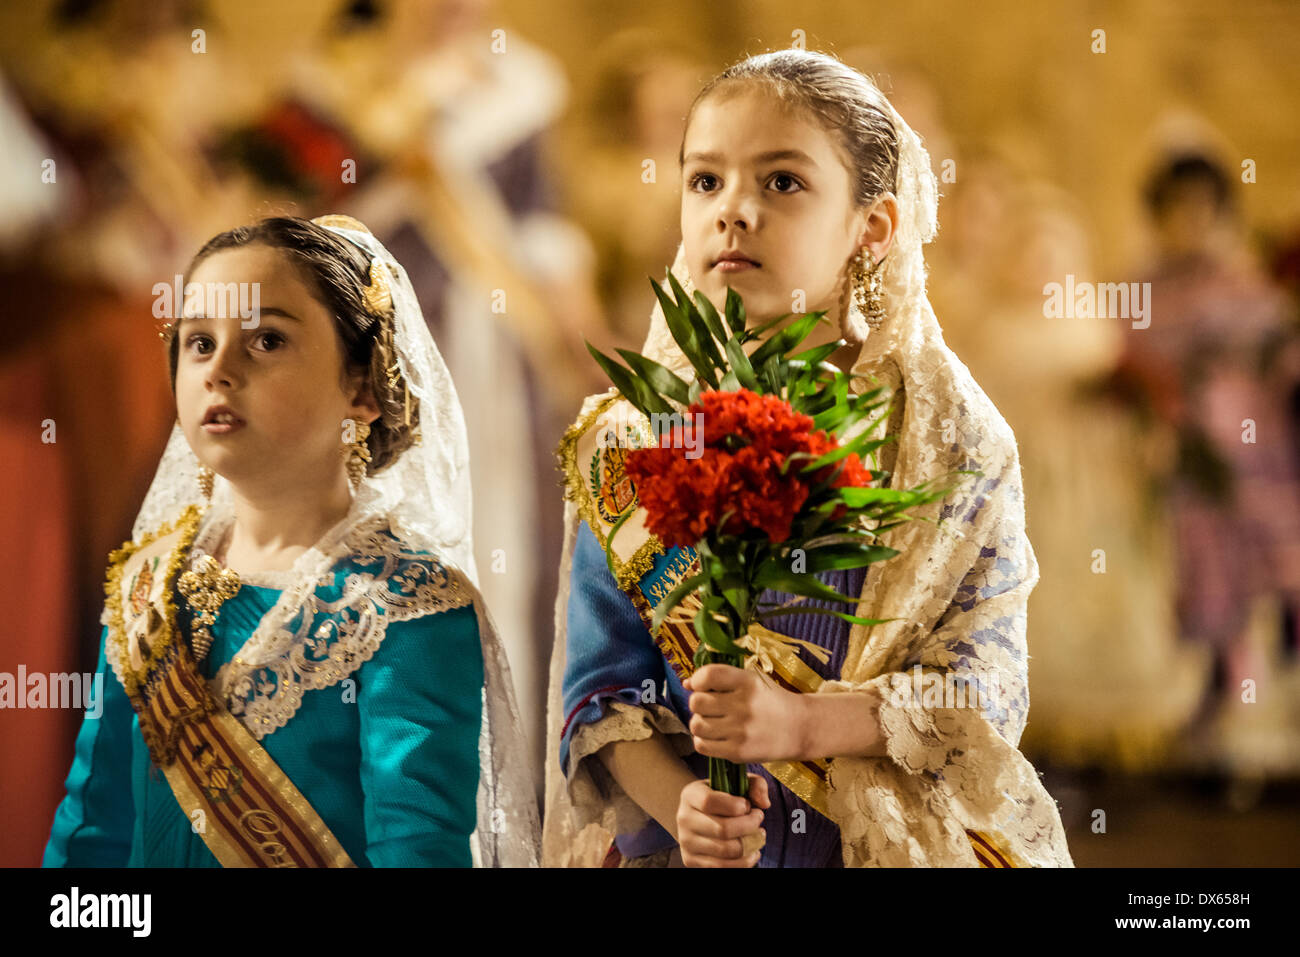 Valence, Espagne. 18 mars 2014: Un peu Fallera enfin offre son bouquet à la Vierge et à être placé à l'image des vierges. Credit: matthi/Alamy Live News Photo Stock